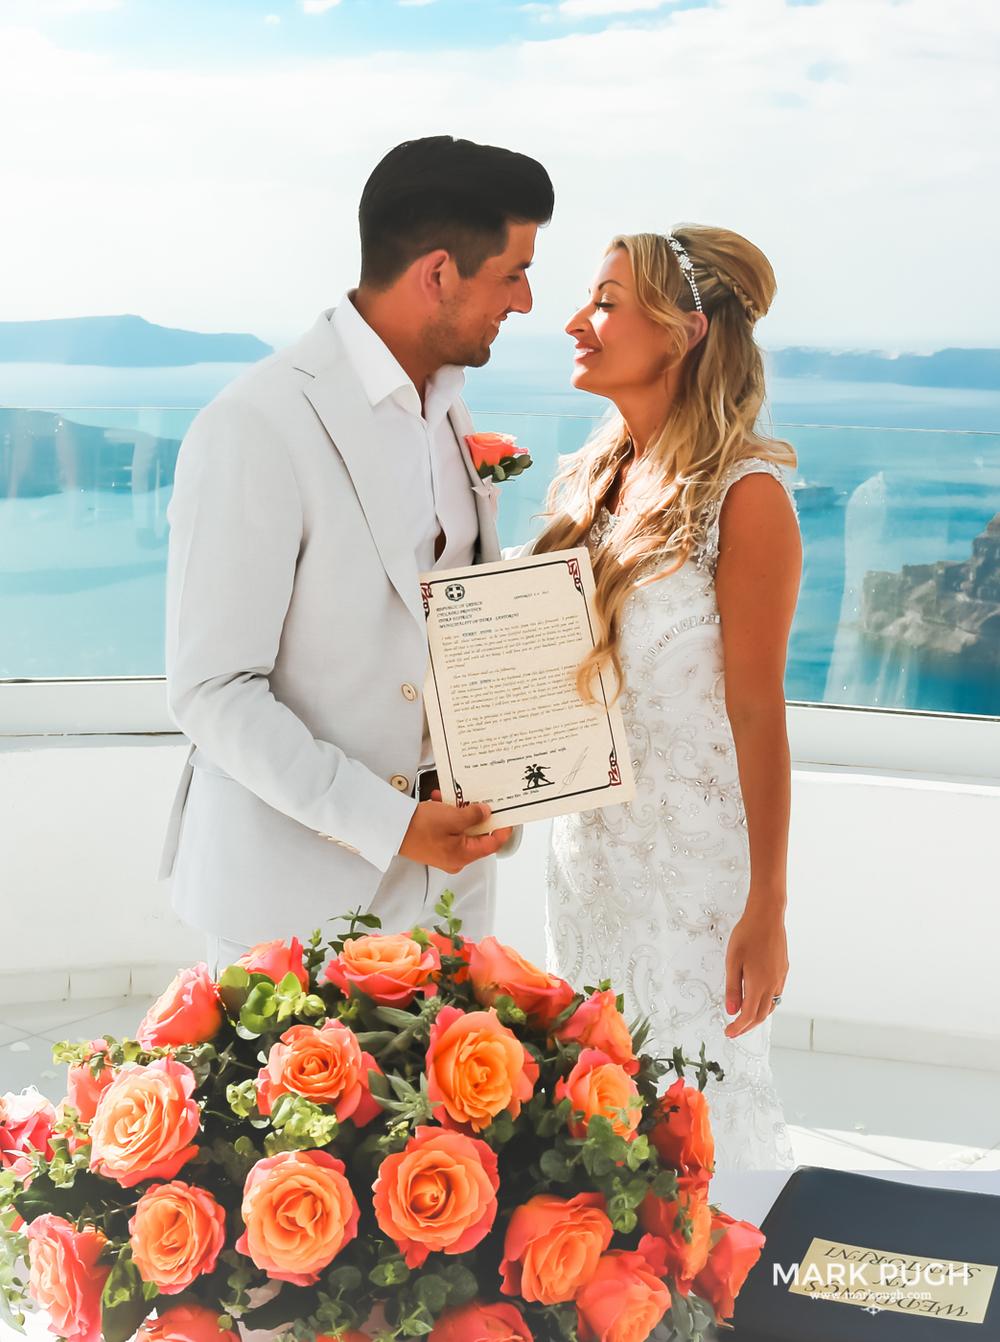 087 - Kerry and Lee - Destination Wedding in Santorini by www.markpugh.com -0603.JPG